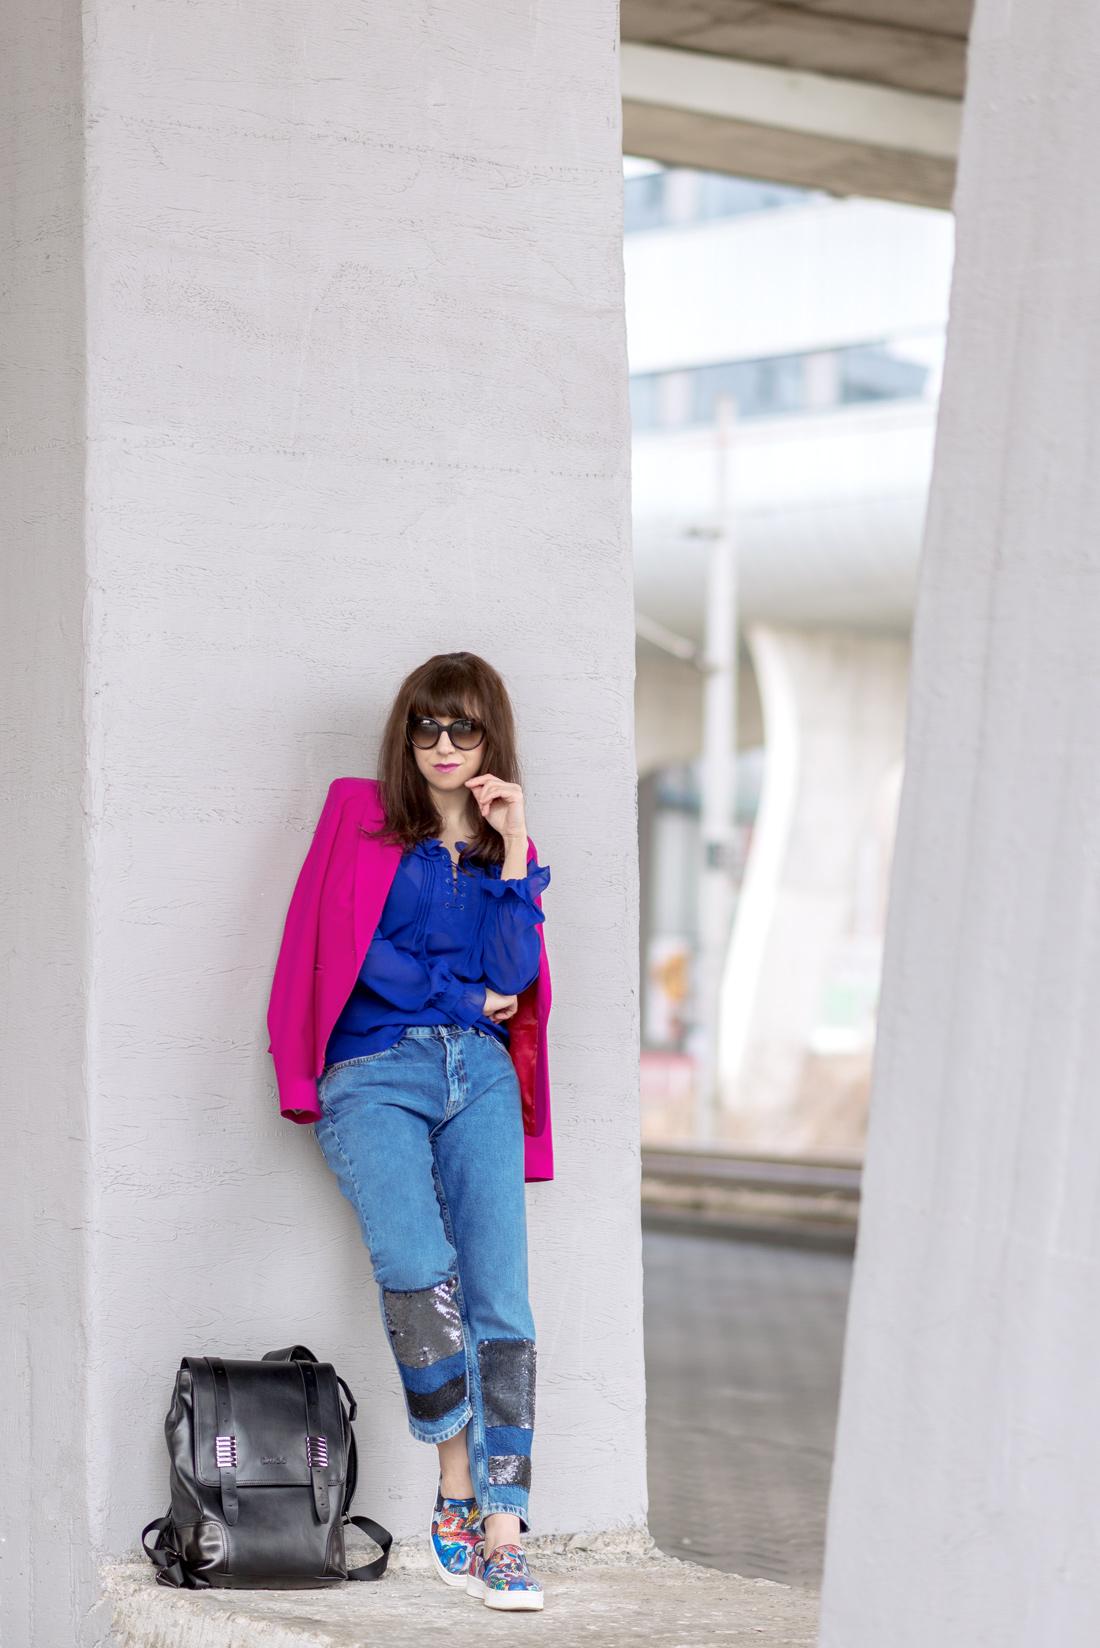 OUTFITOM KU ŠŤASTIU_Katharine-fashion is beautiful_Blog 4_Ružové sako_Flitrované džínsy Zara_Kožený vak Nucelle JEJ_Farebné slipony_Katarína Jakubčová_Fashion blooger